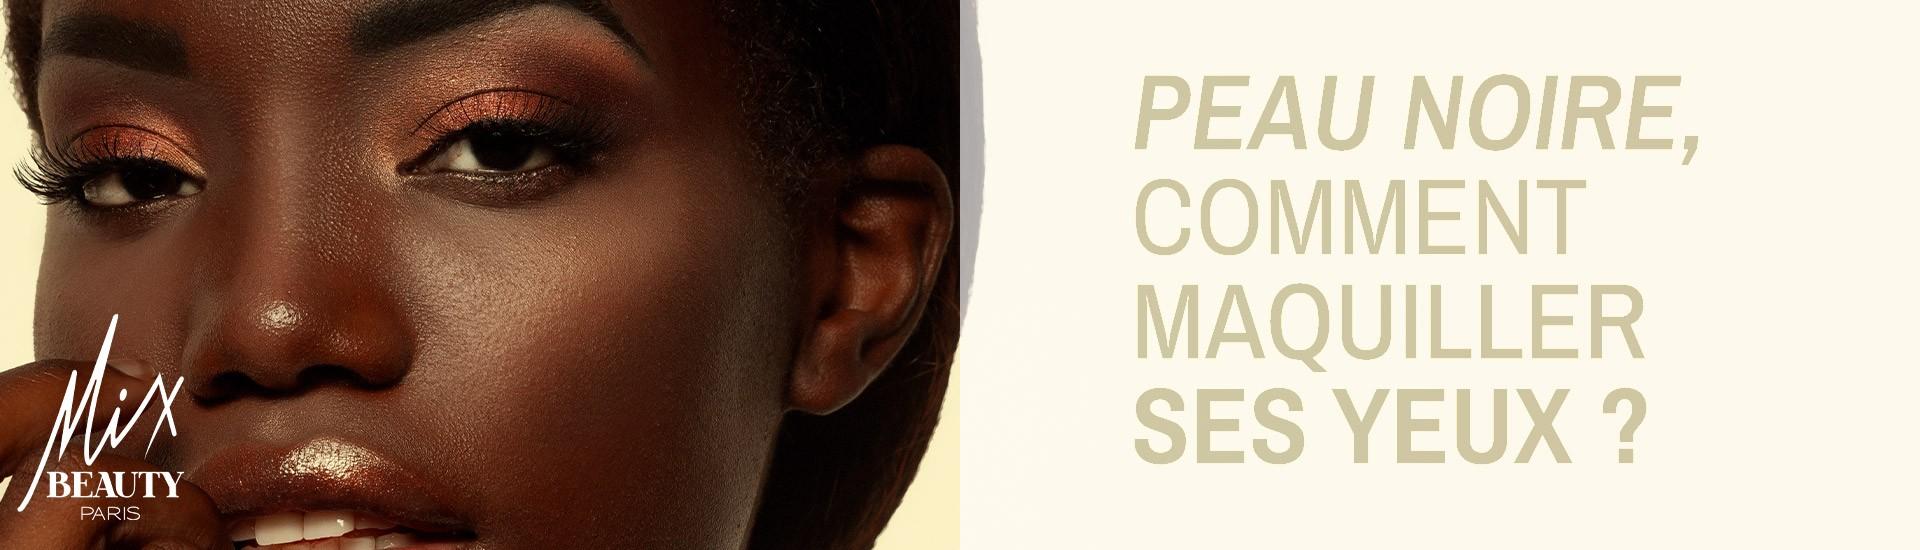 Peau noire : comment bien maquiller ses yeux ?